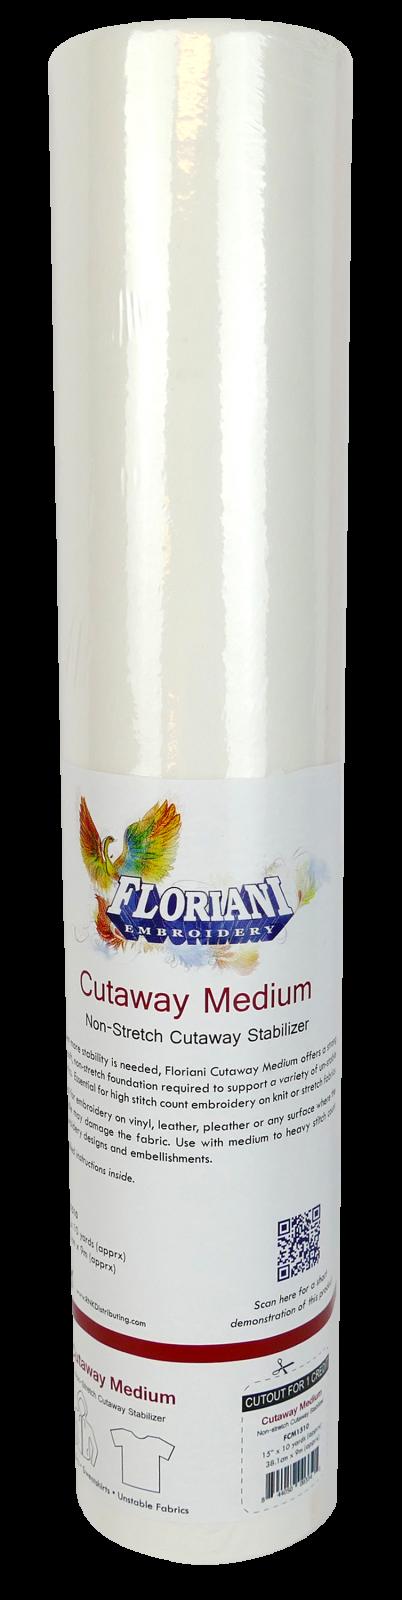 Cutaway Medium Stabilizer - 15 x 10 yards - Floriani